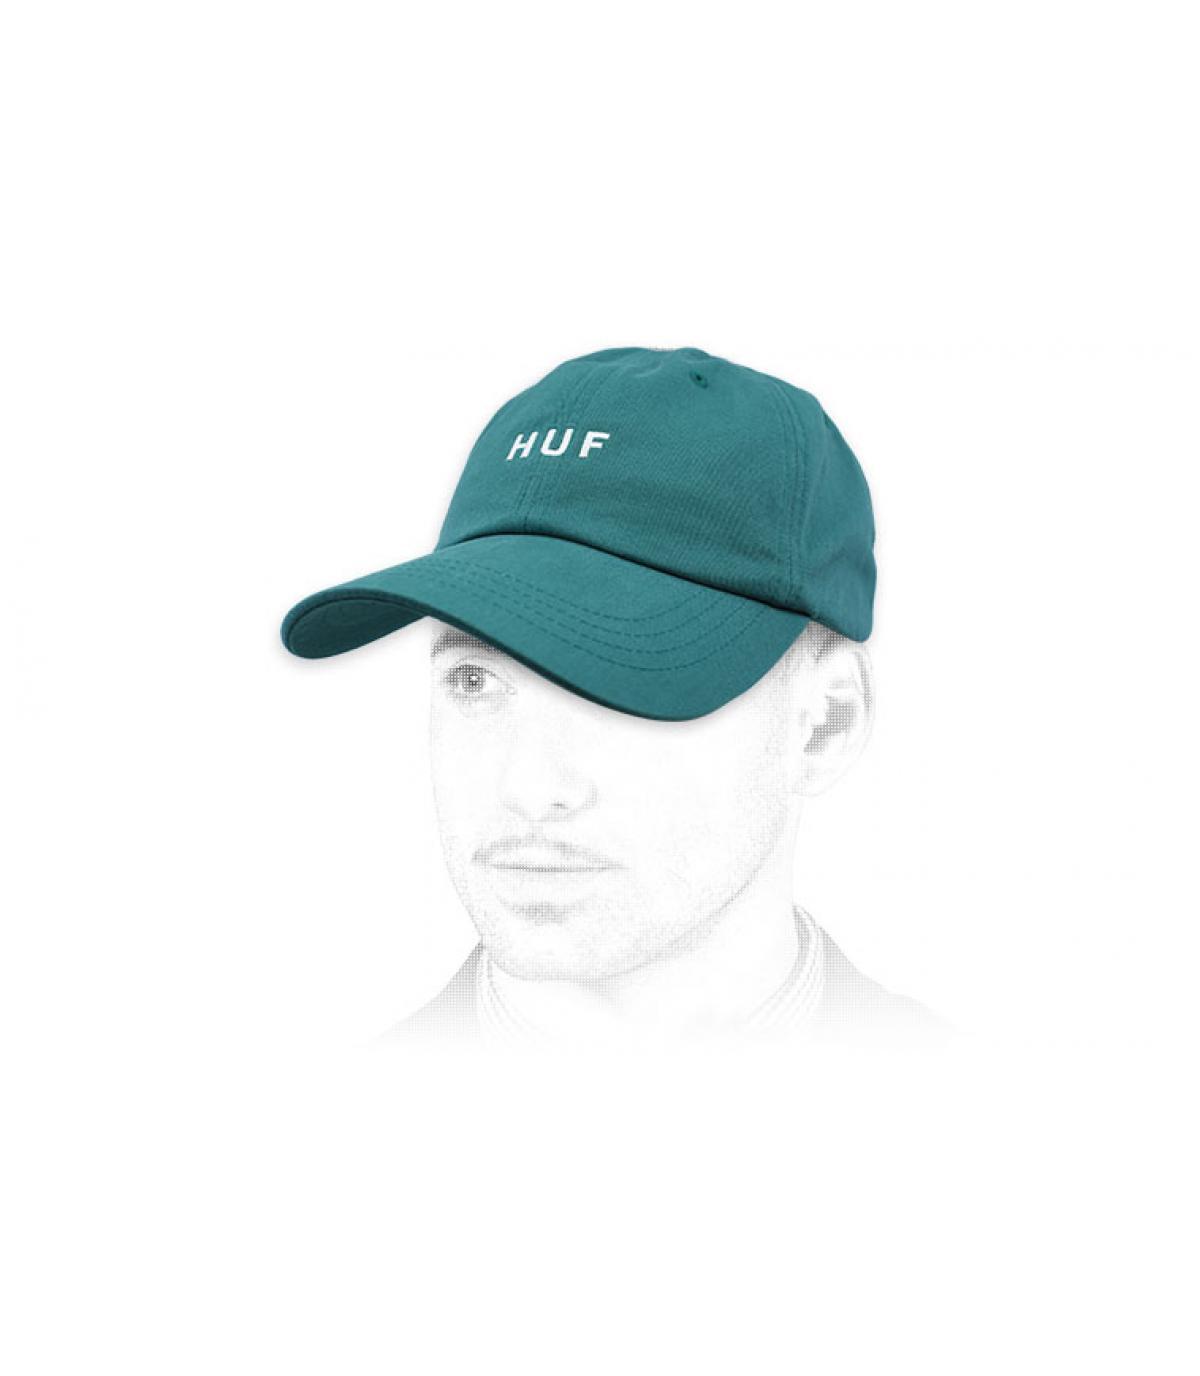 Huf blue cap